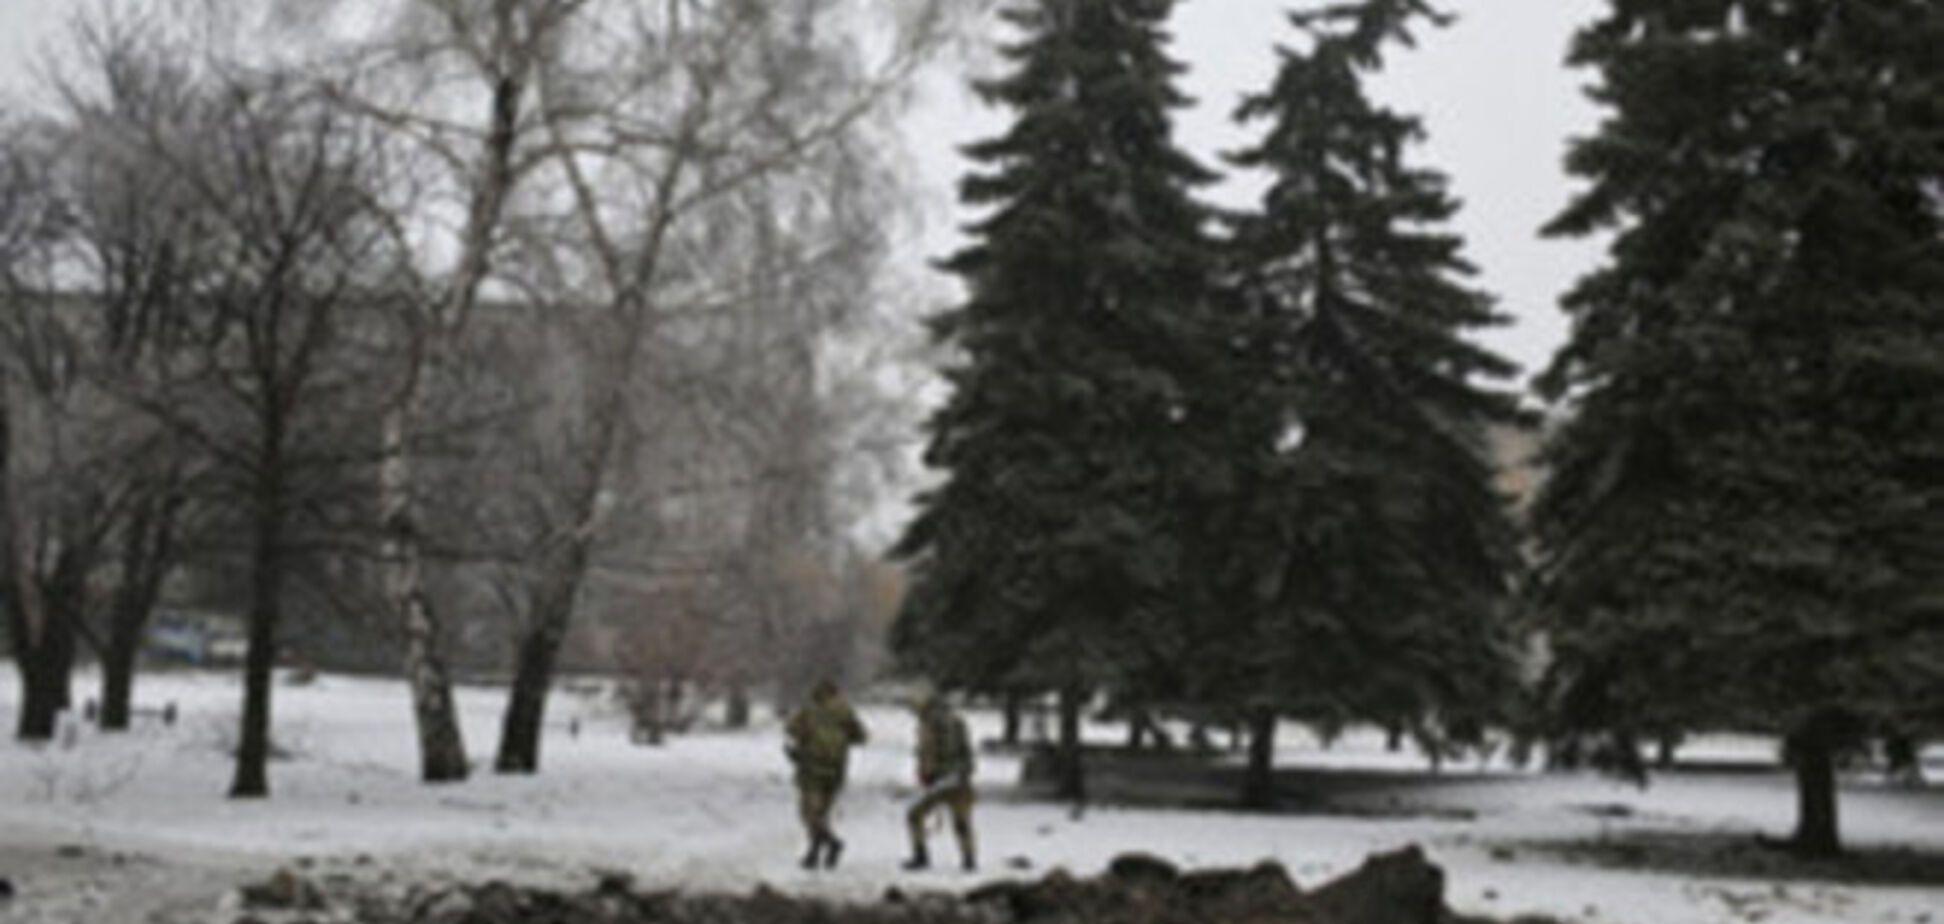 Враг лезет со всех щелей, но получает достойный отпор - журналист о ситуации с Дебальцево